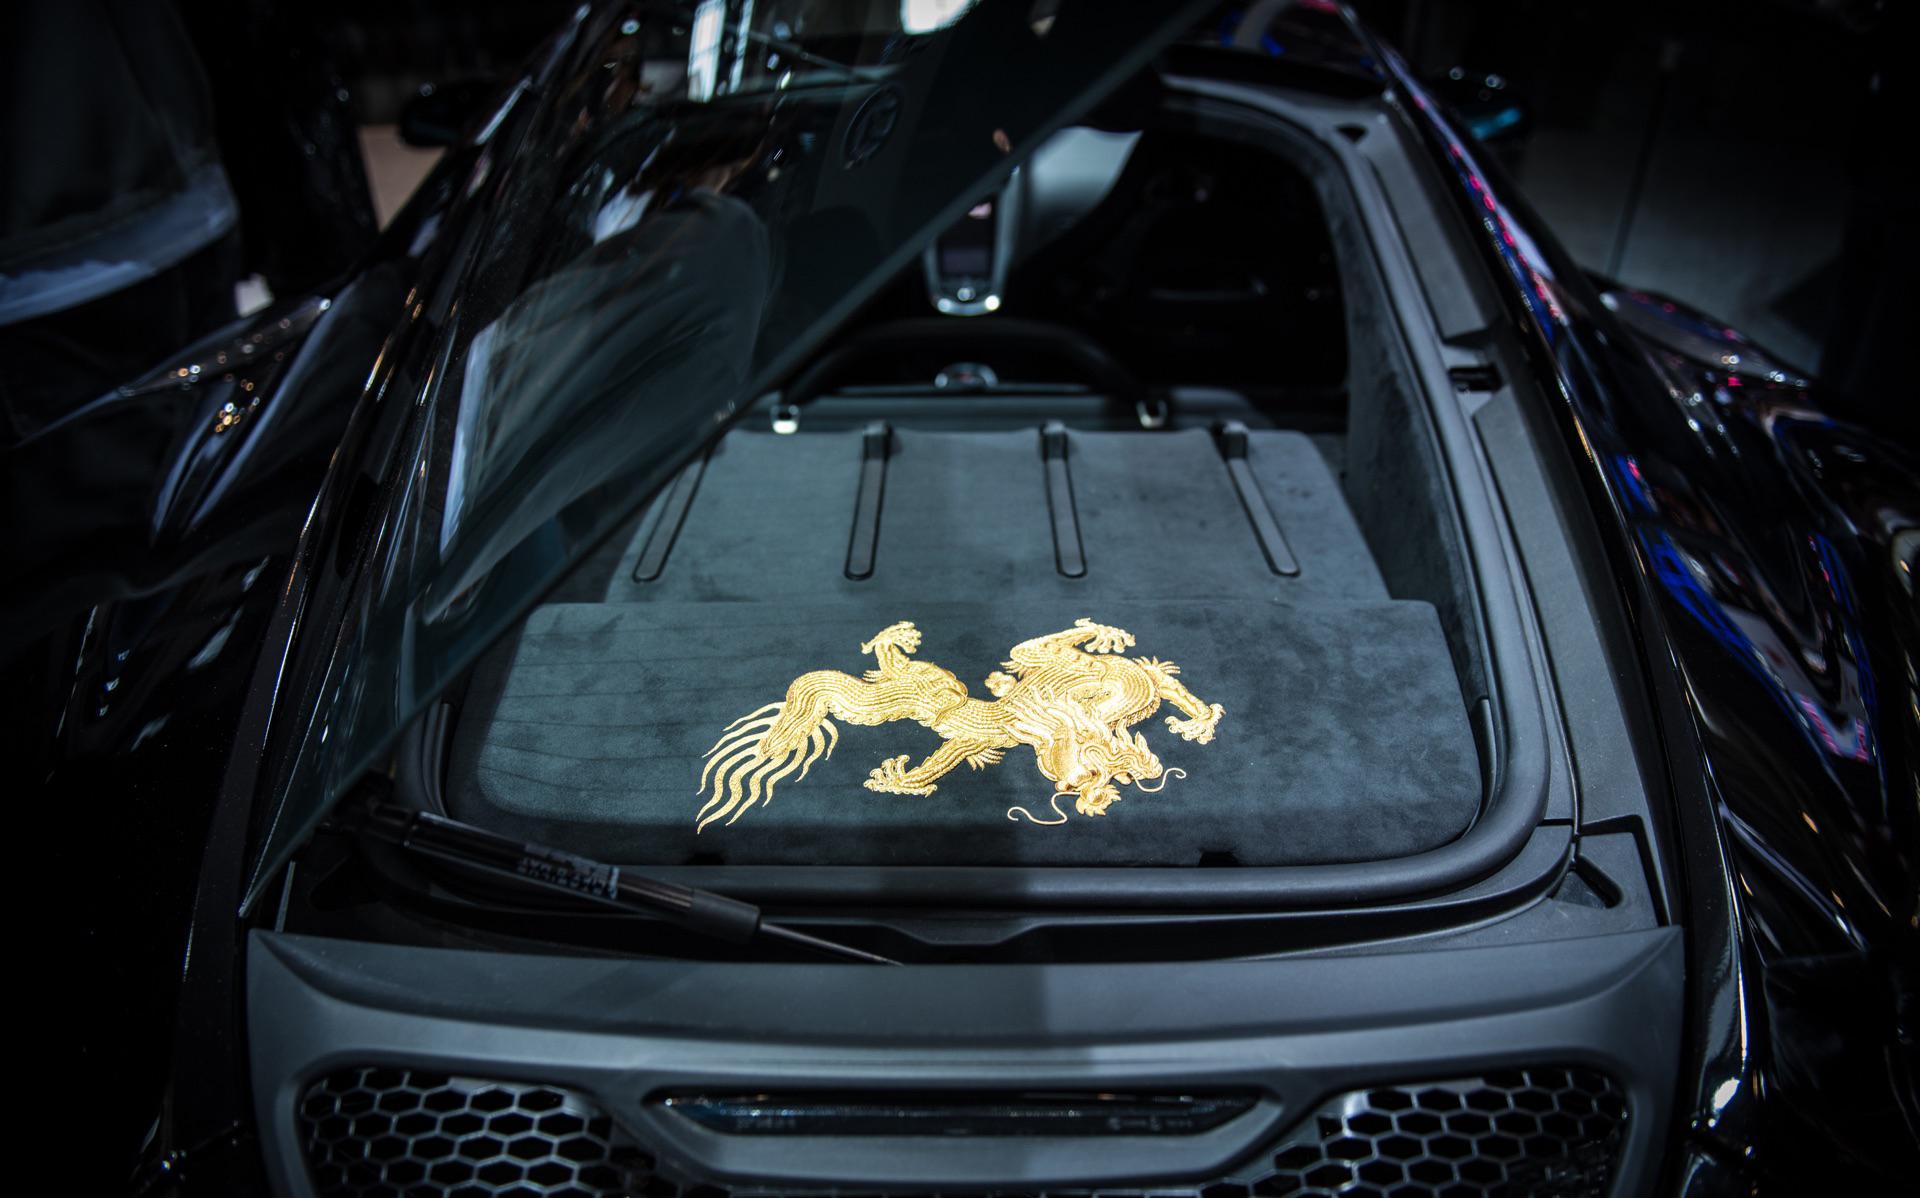 В то время как другие производители строят индивидуальные автомобили для китайского рынка, McLaren придерживается своего идеала создания суперкаров, ориентированных на производительность, и предназначенных для острых ощущений.